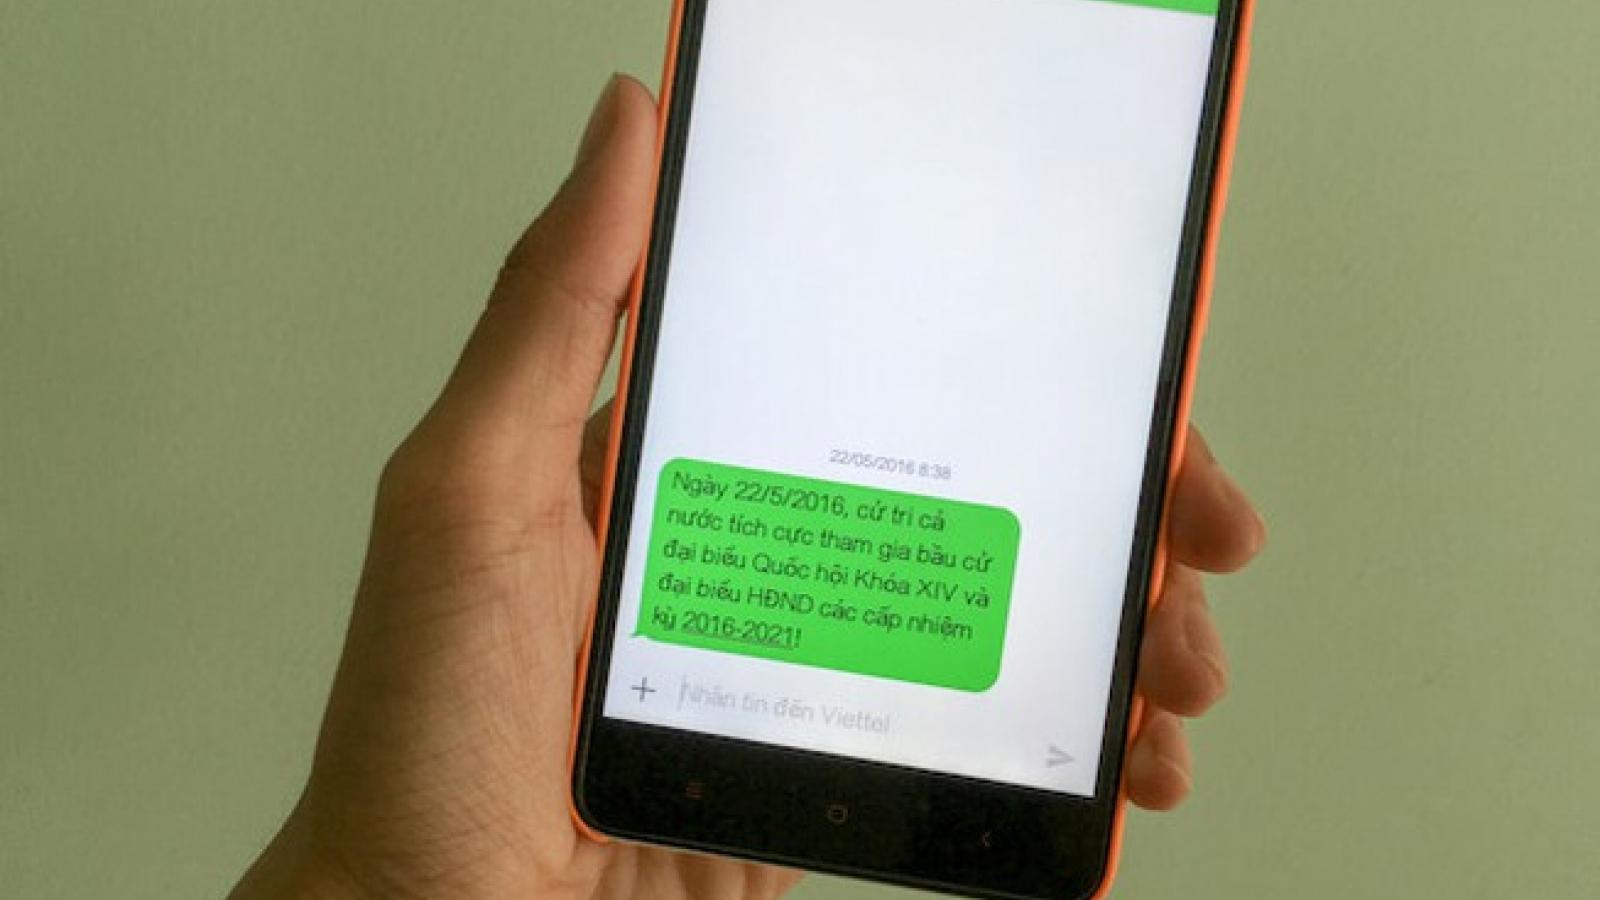 Mỗi cử tri tại TP HCM sẽ nhận được tin nhắn về đi bầu cử qua điện thoại di động